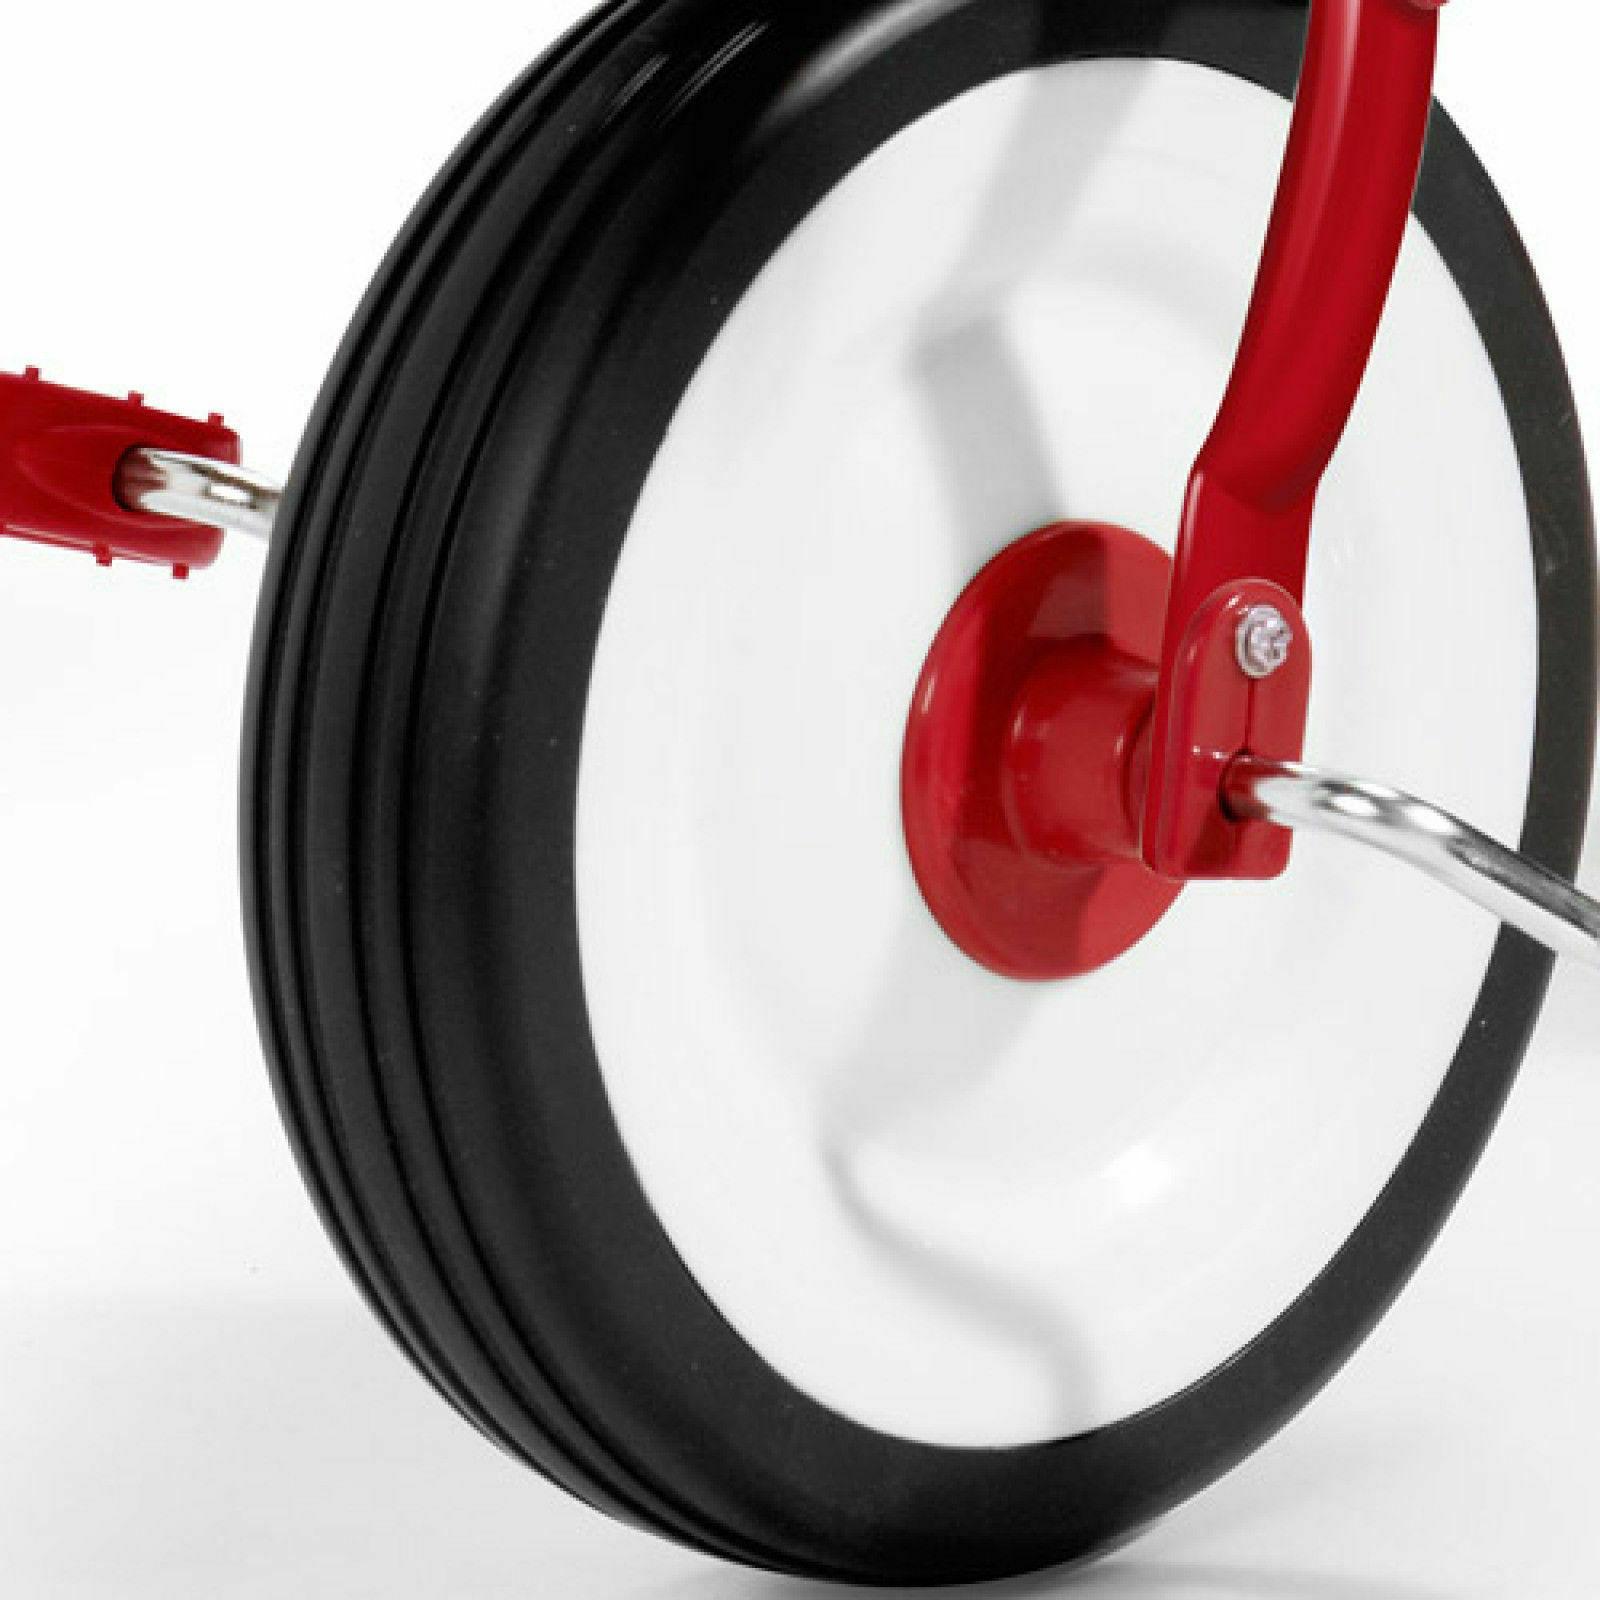 Radio Folding Red Bike Toddler Toy